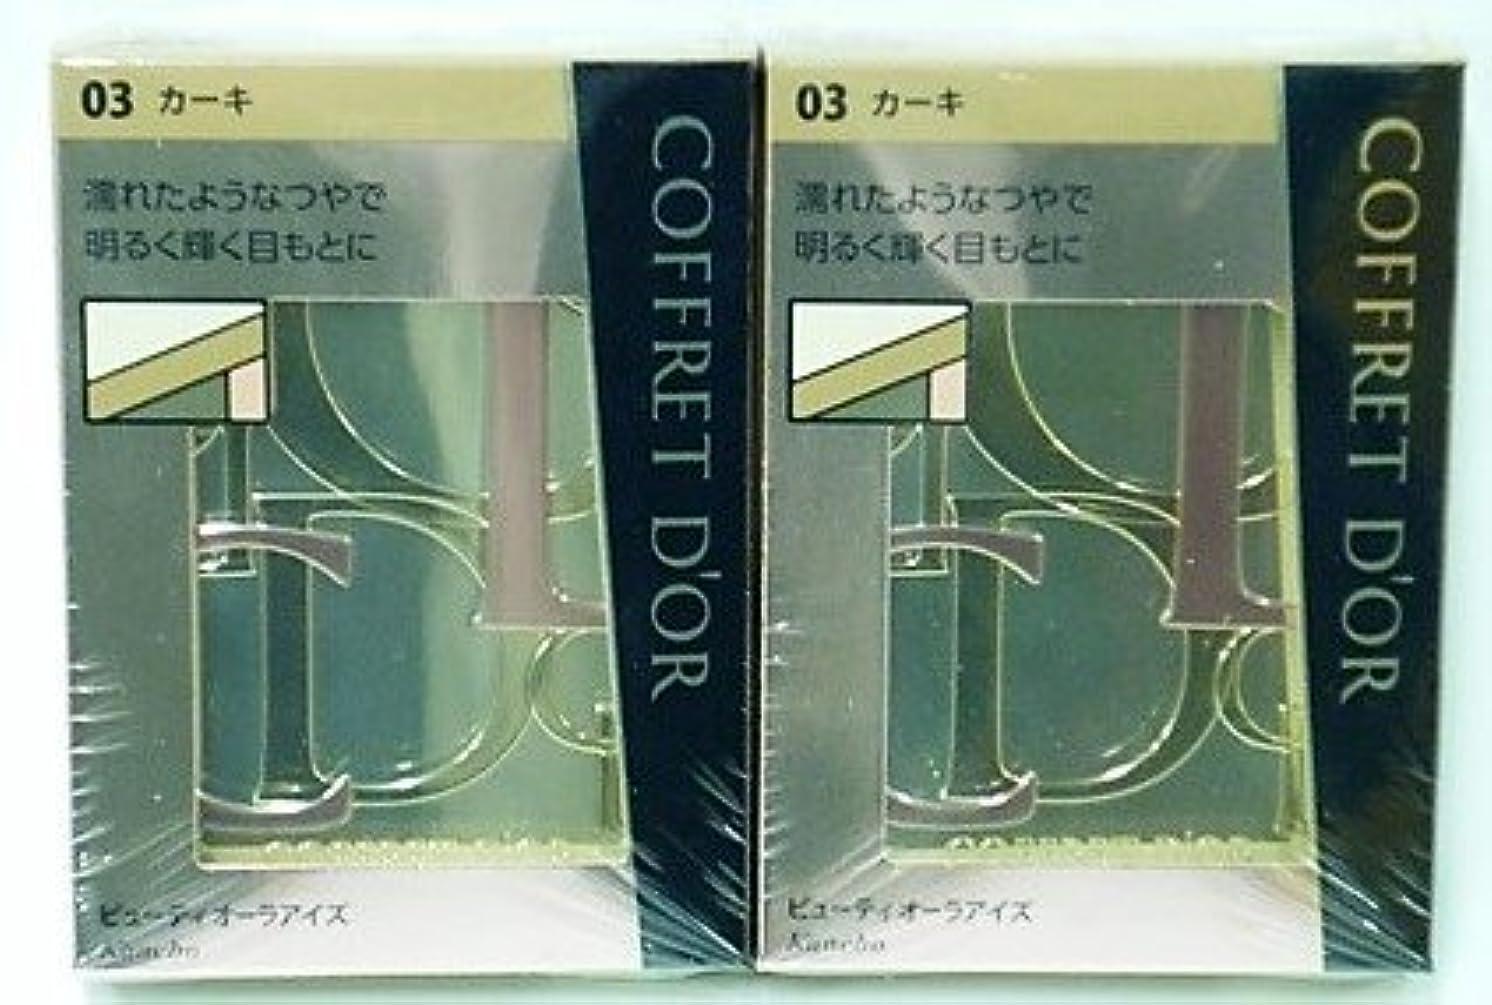 代表する別れるアルプス<2個セット>コフレドール ビューティオーラアイズ 03カーキ 3.5g入り×2個